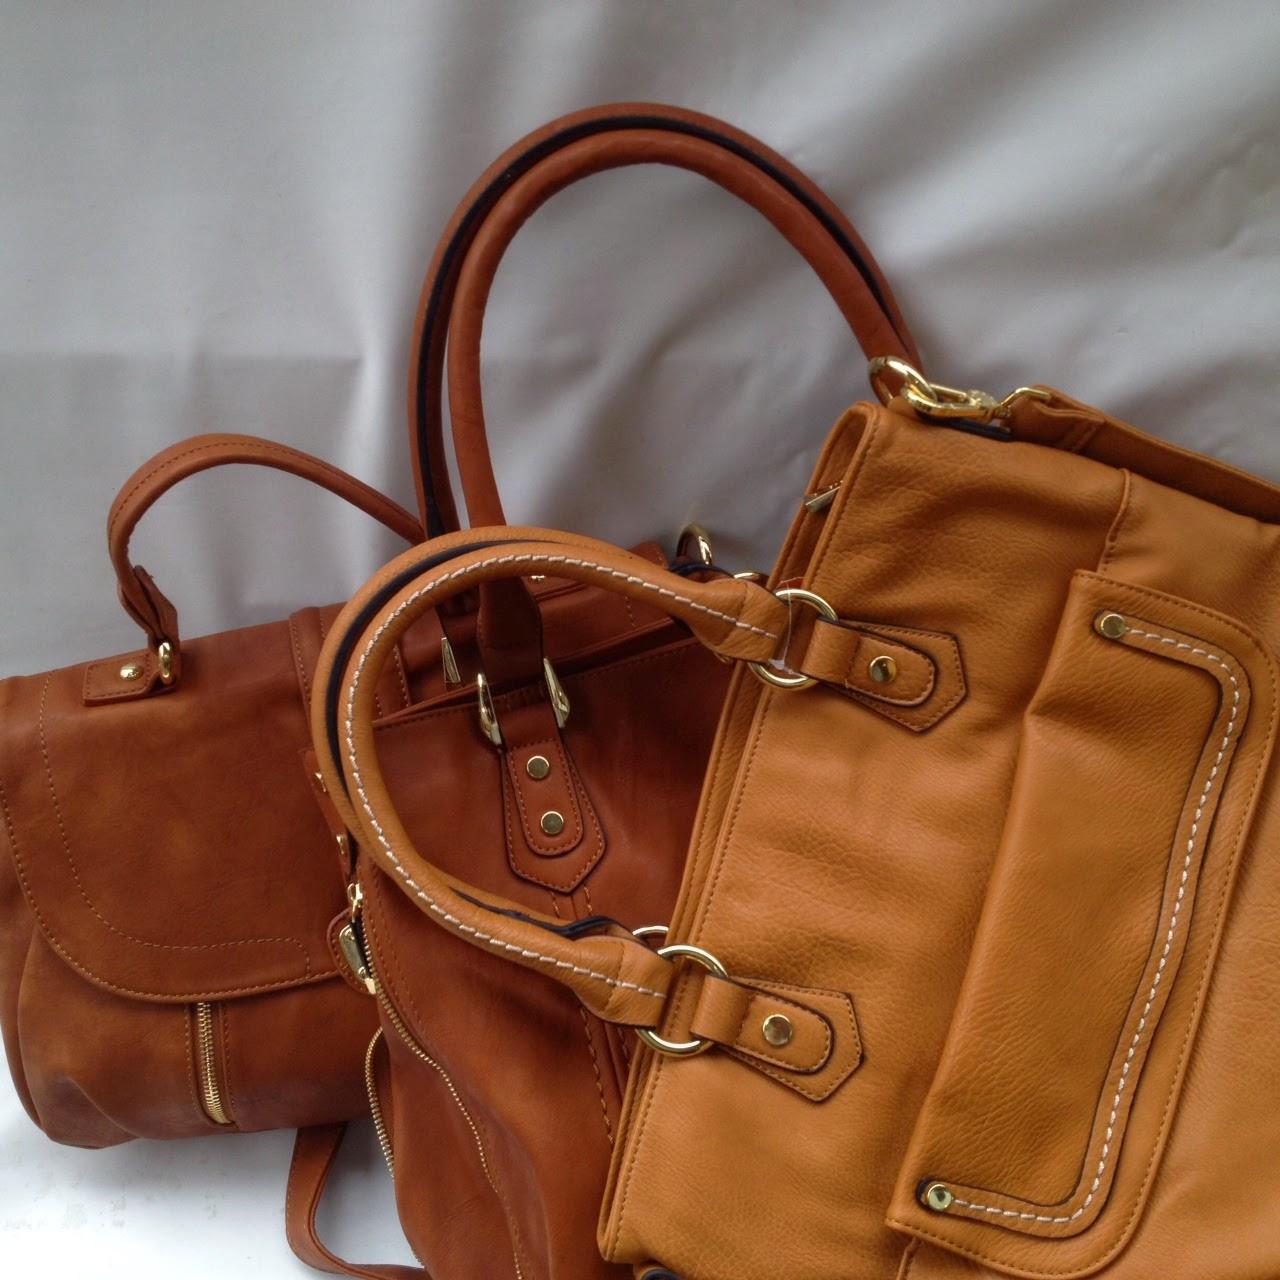 TEOR • acessórios de moda  e quem usa essas bolsas Caramelo   7cdd4557ecbb